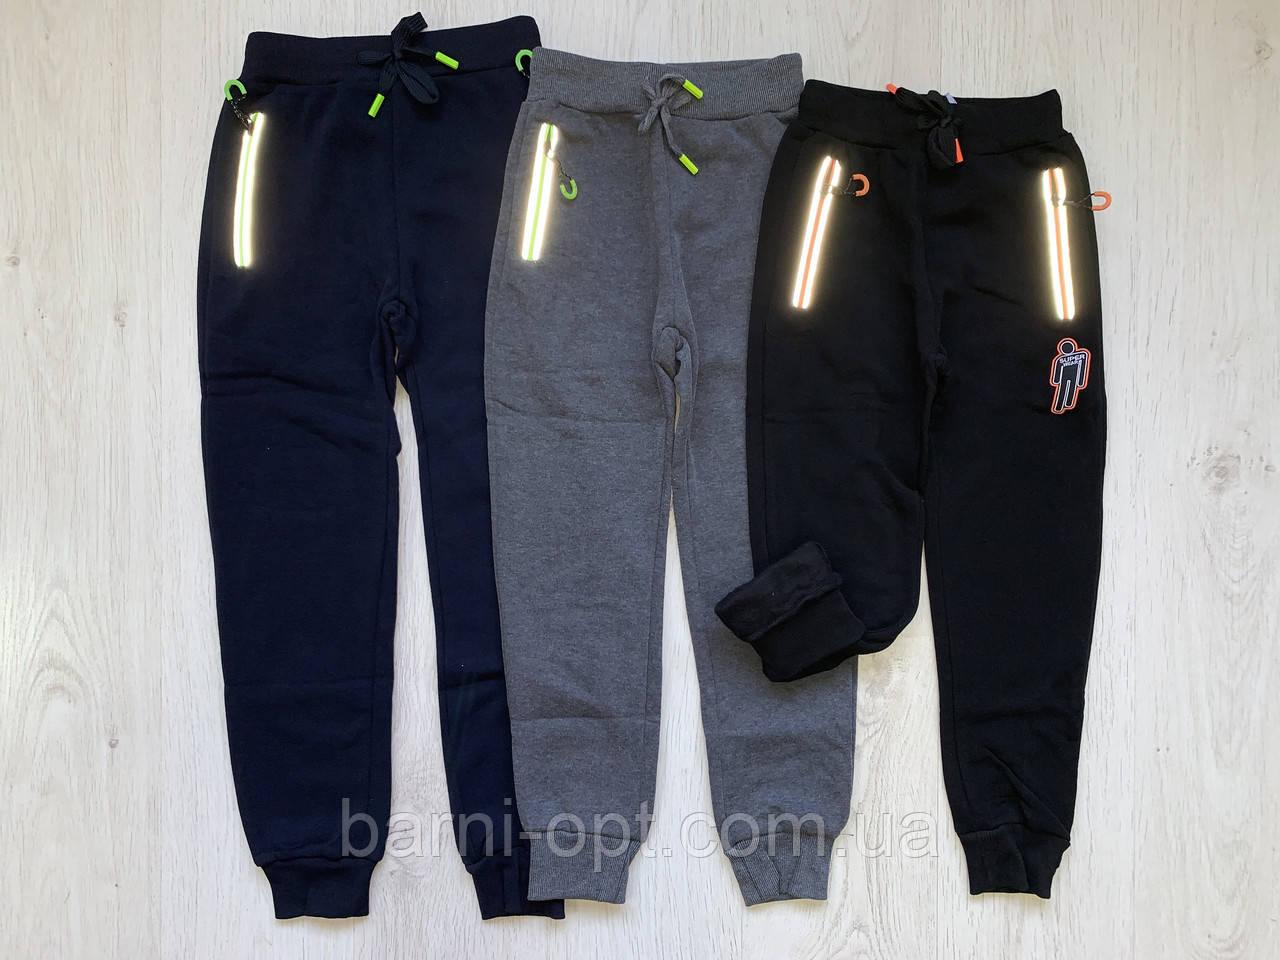 Утепленные спортивные брюки на мальчиков оптом, Taurus, 134-164 рр